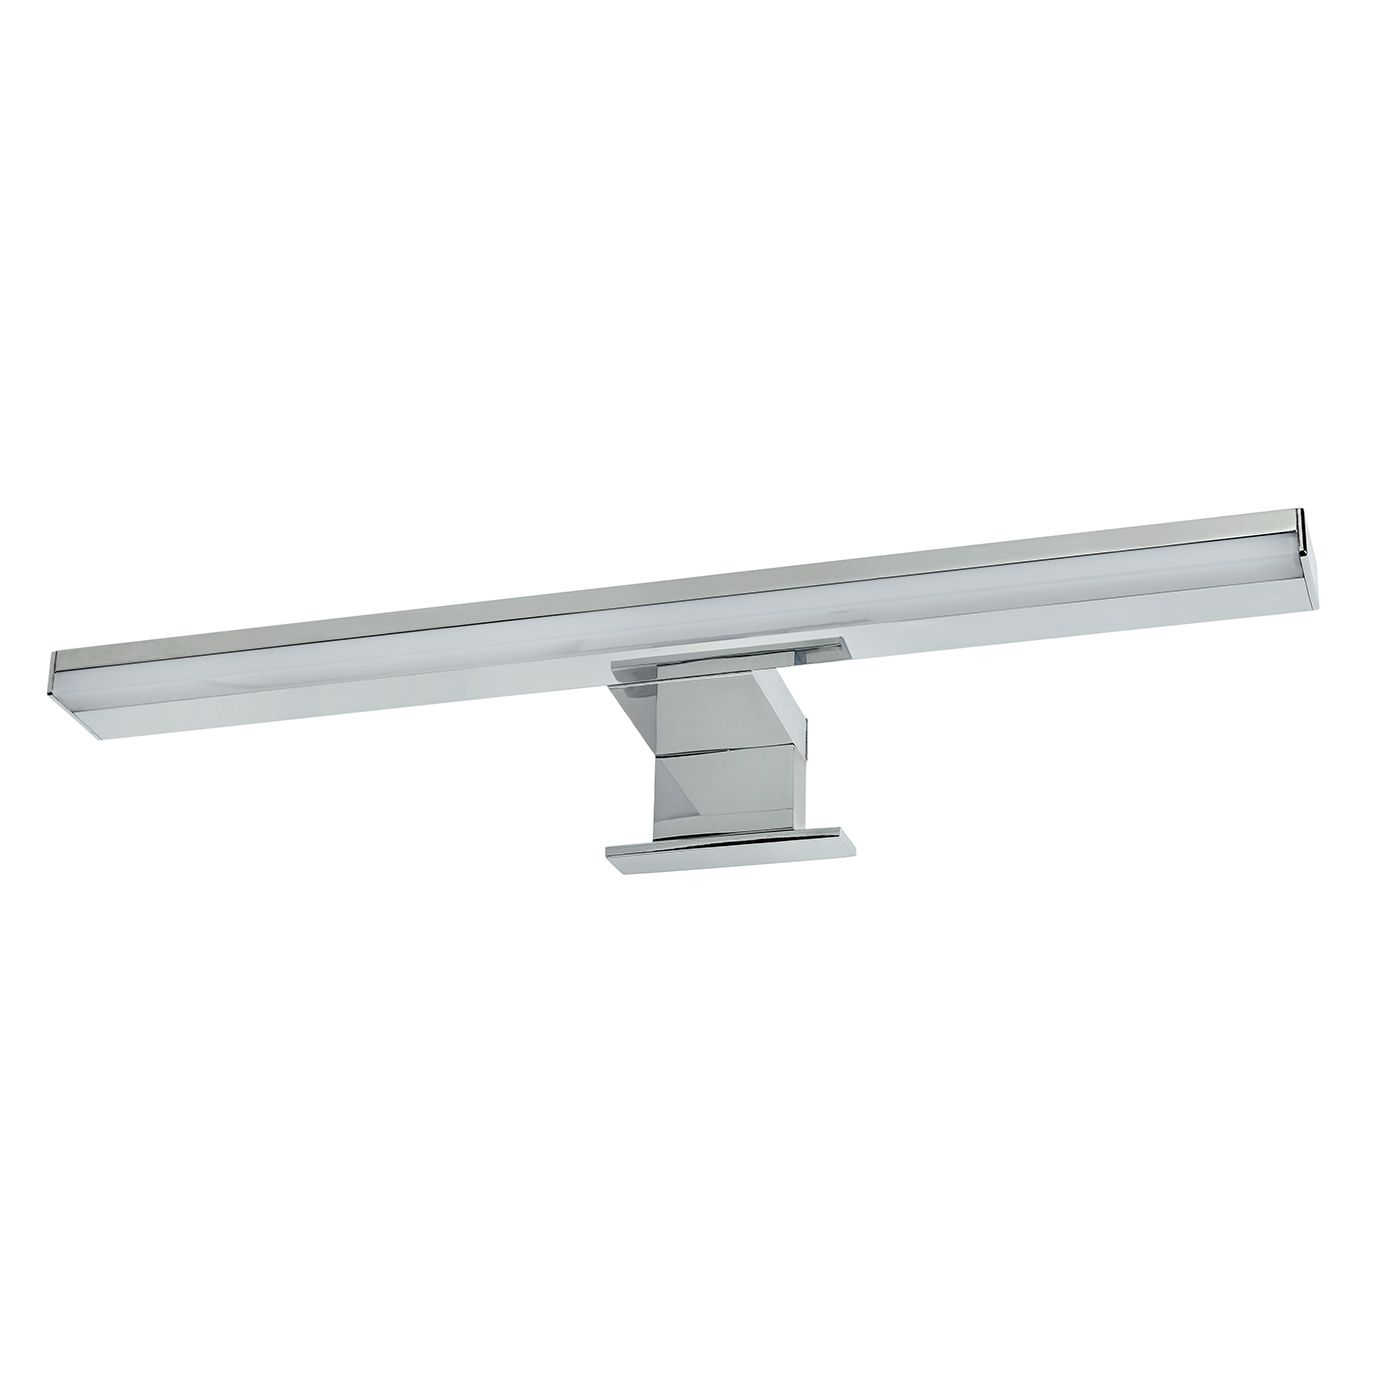 Lampara Espejo Baño | Ilumina Espejos Led Moderno Para Pared Curves Sulion Lamparas Y